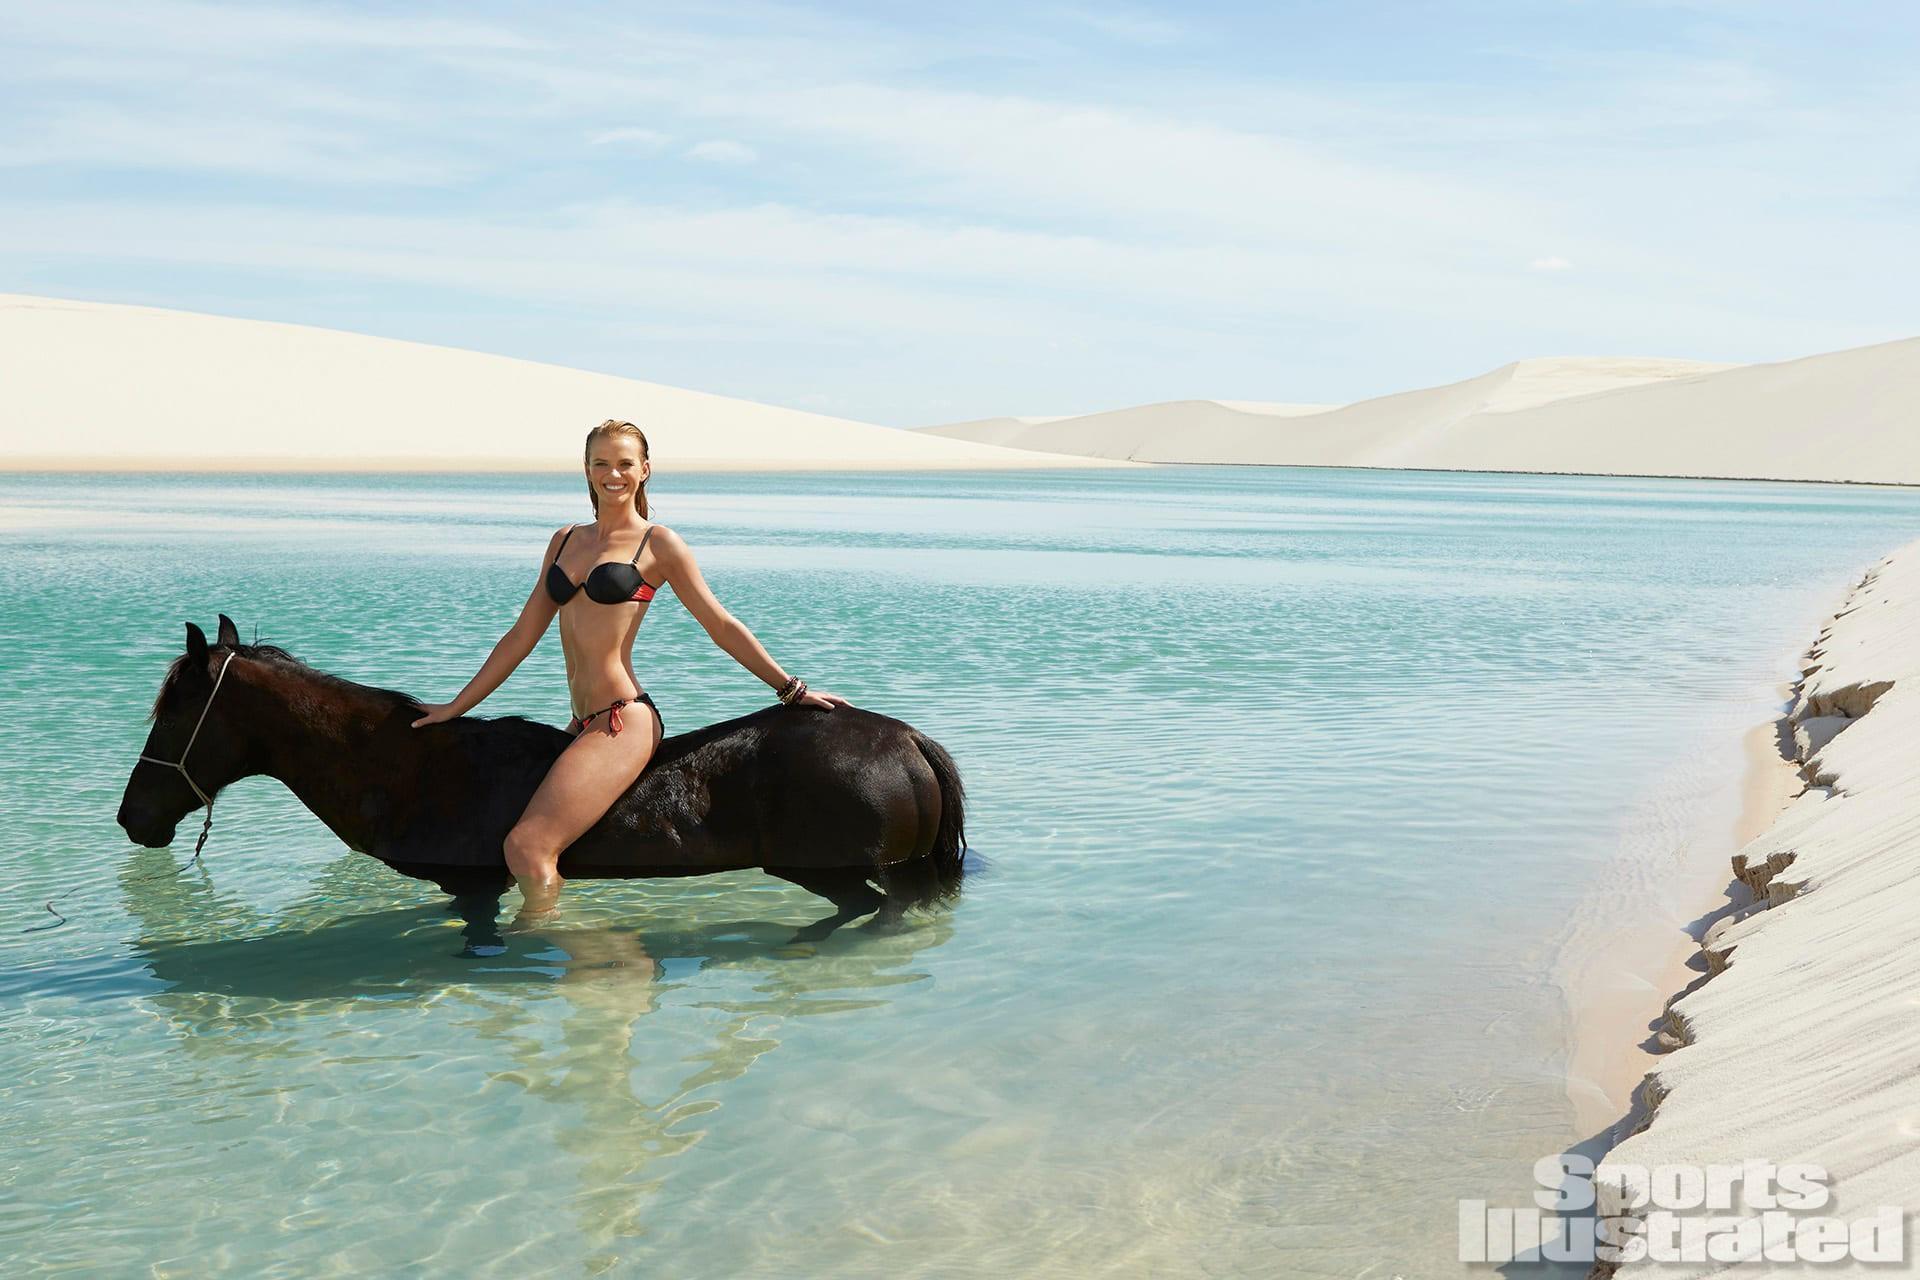 Mỹ nhân nức tiếng Nga đẹp hút hồn ở biển với áo tắm nhỏ xíu Ảnh 6